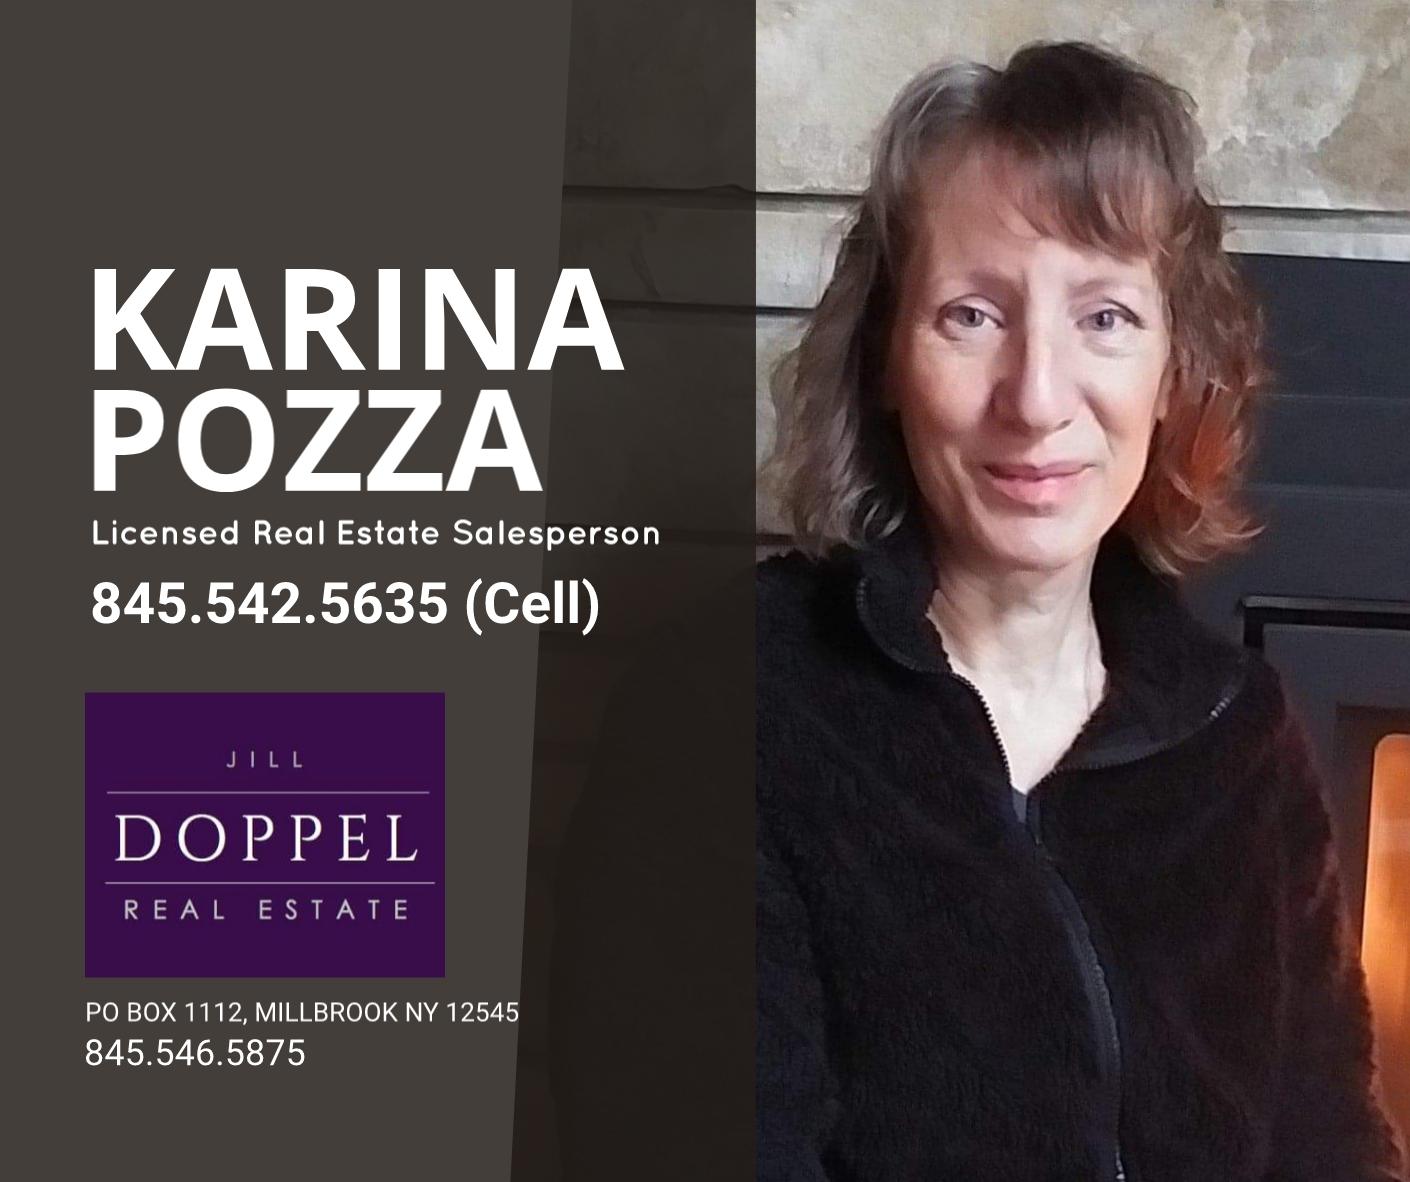 Karina Pozza real estate